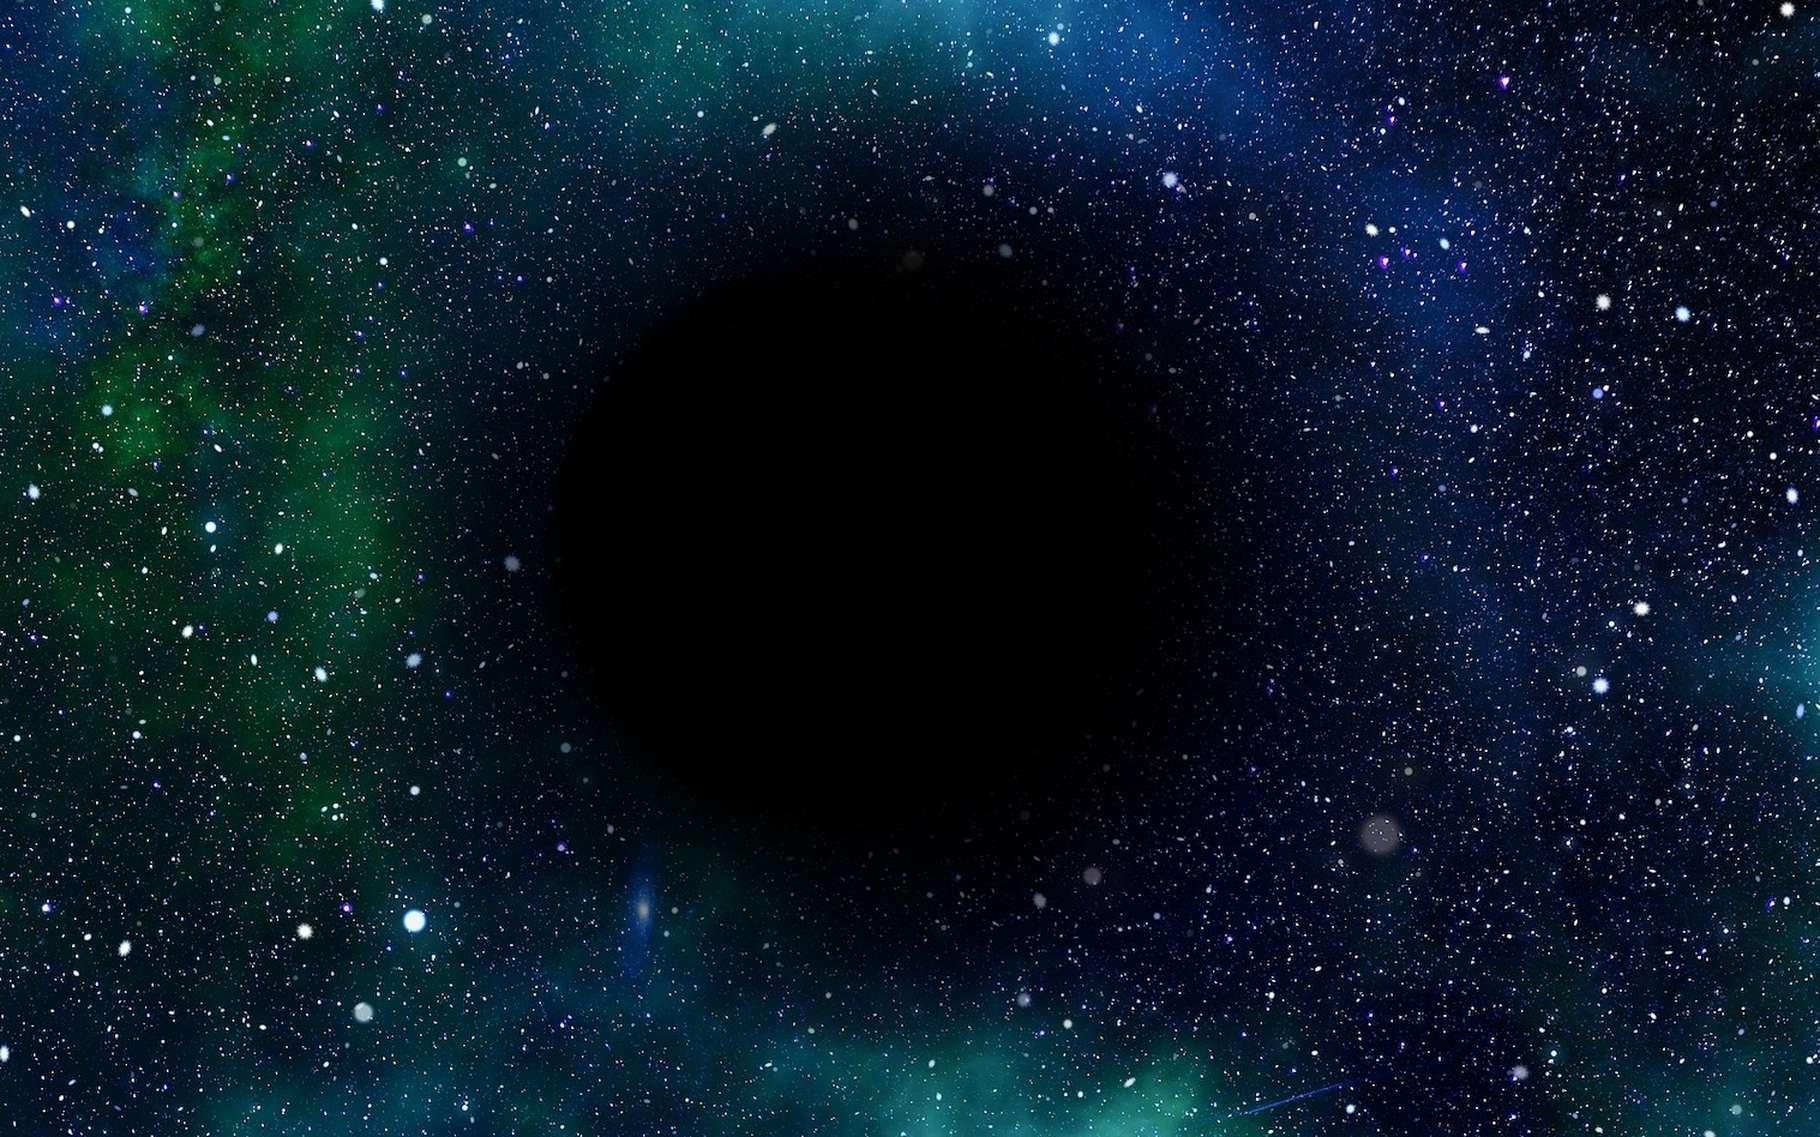 Aux confins de notre Système solaire, des milliers de petits corps glacés constituent ce que les astronomes appellent la ceinture de Kuiper. Six de ces objets présentent des orbites étranges, comme si elles étaient perturbées par une mystérieuse planète, la planète X ou planète 9. Et des physiciens imaginent aujourd'hui que cette planète 9 pourrait en fait être un trou noir. © geralt, Pixabay License